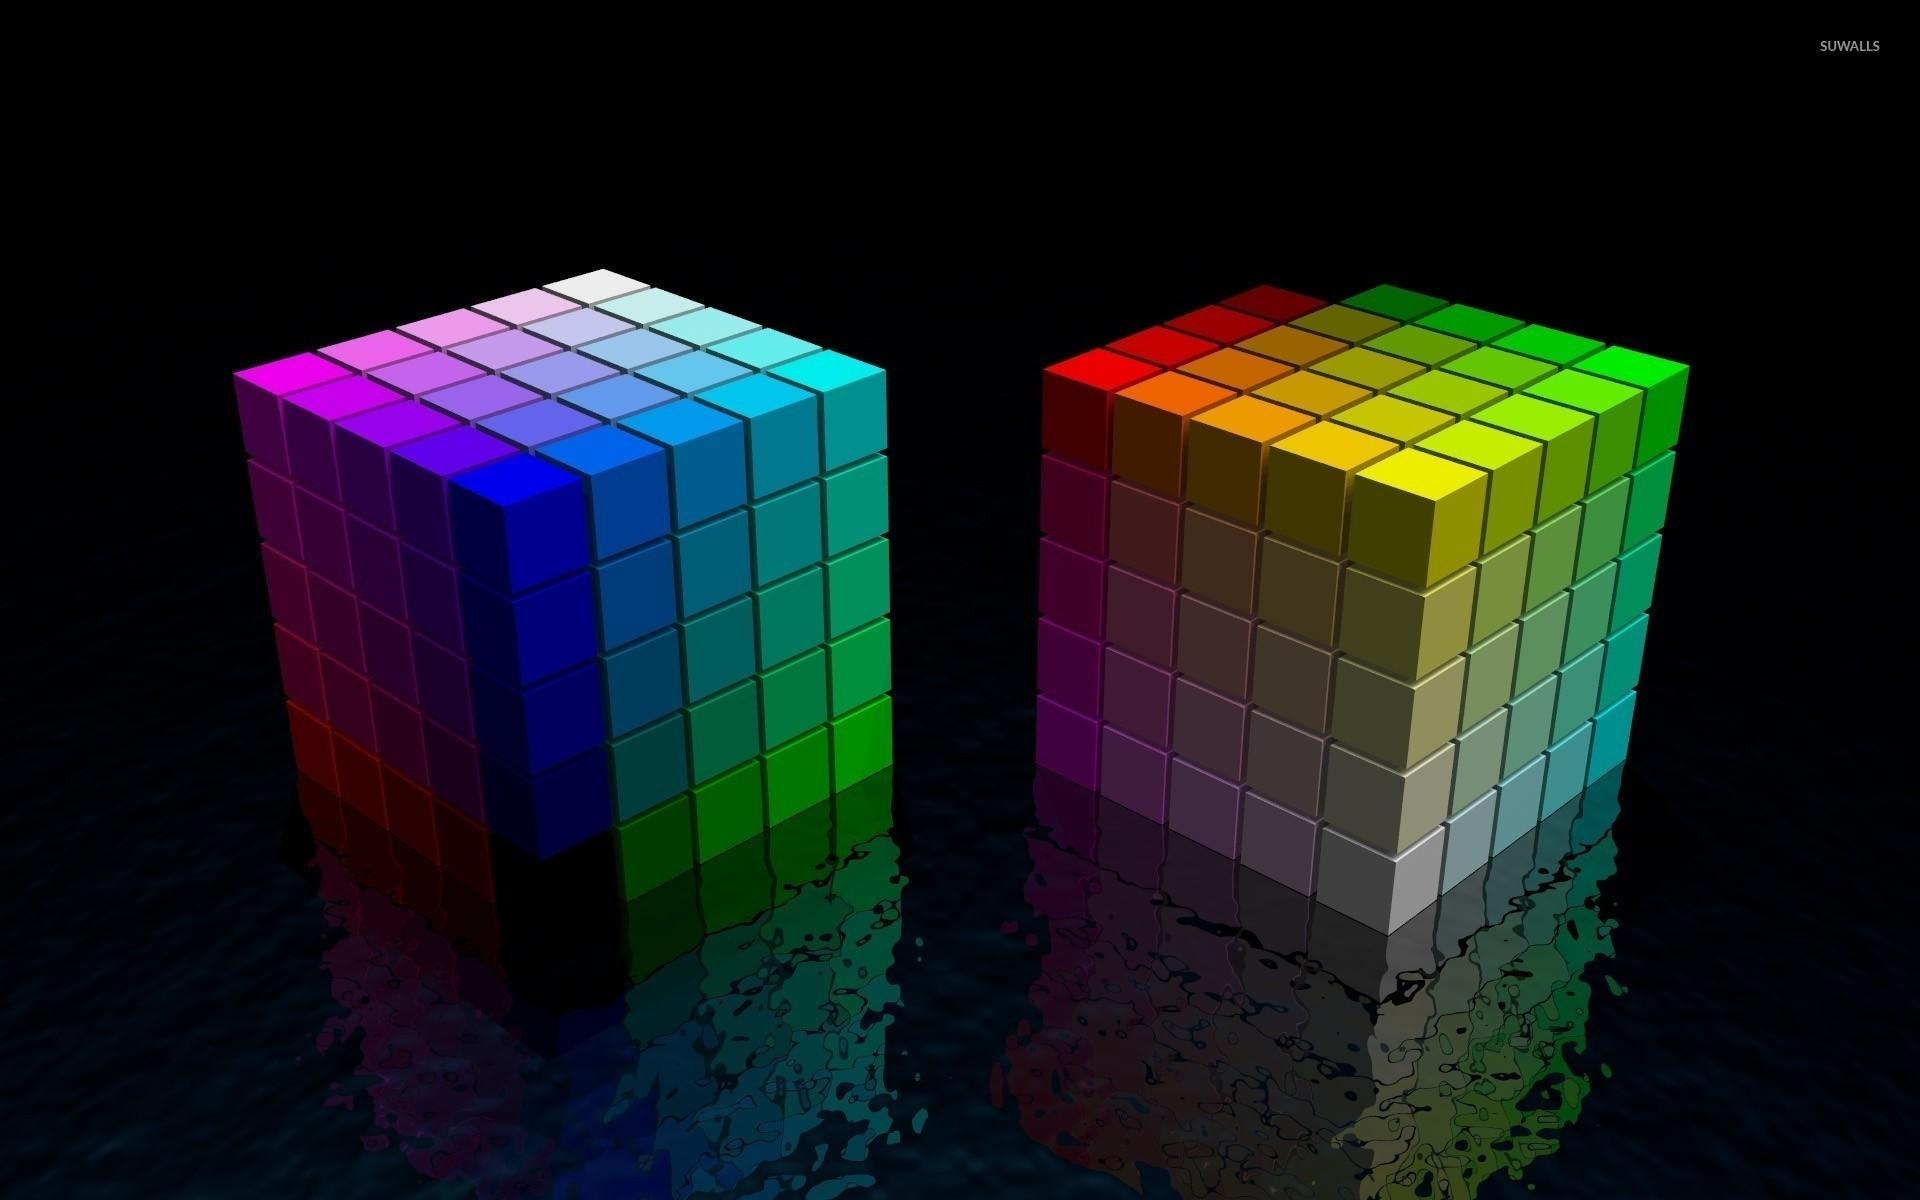 wallpaper 1920x1080 cube square - photo #17